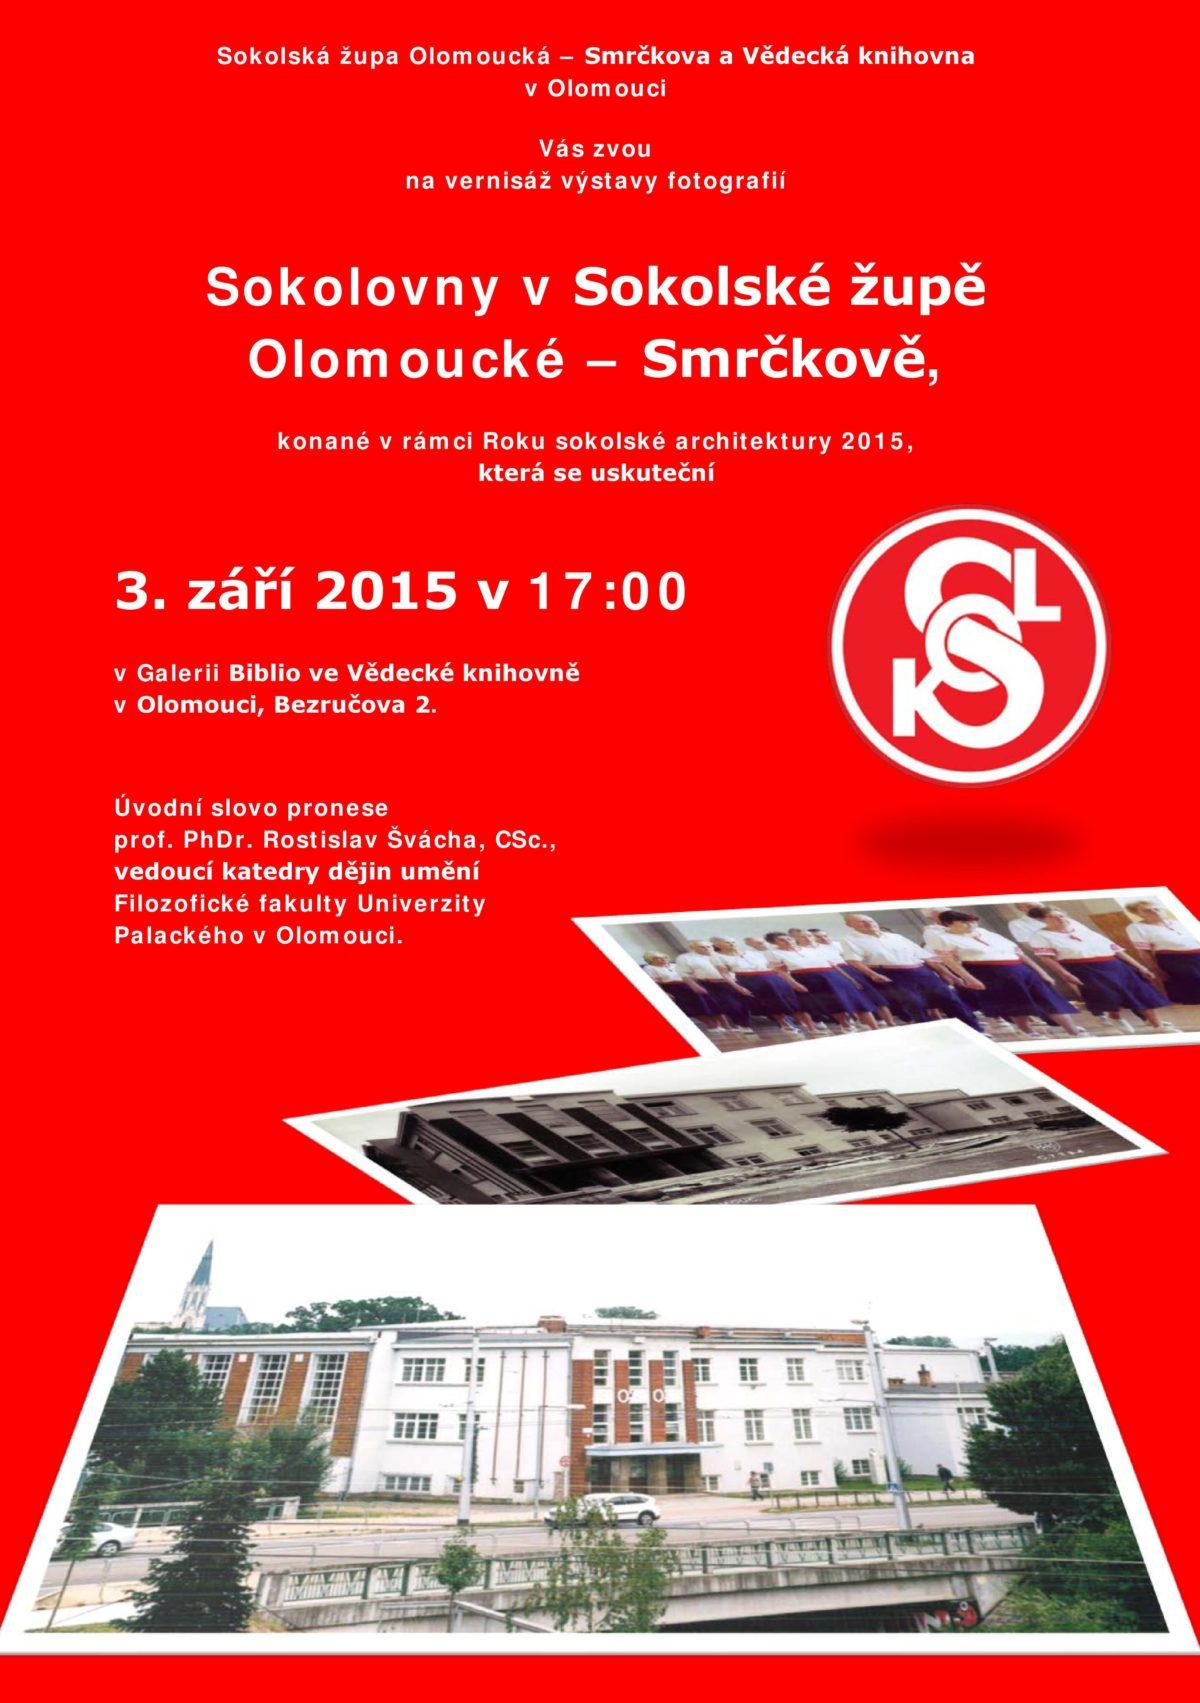 Výstava Sokolovny v sokolské župě Olomoucké–Smrčkově